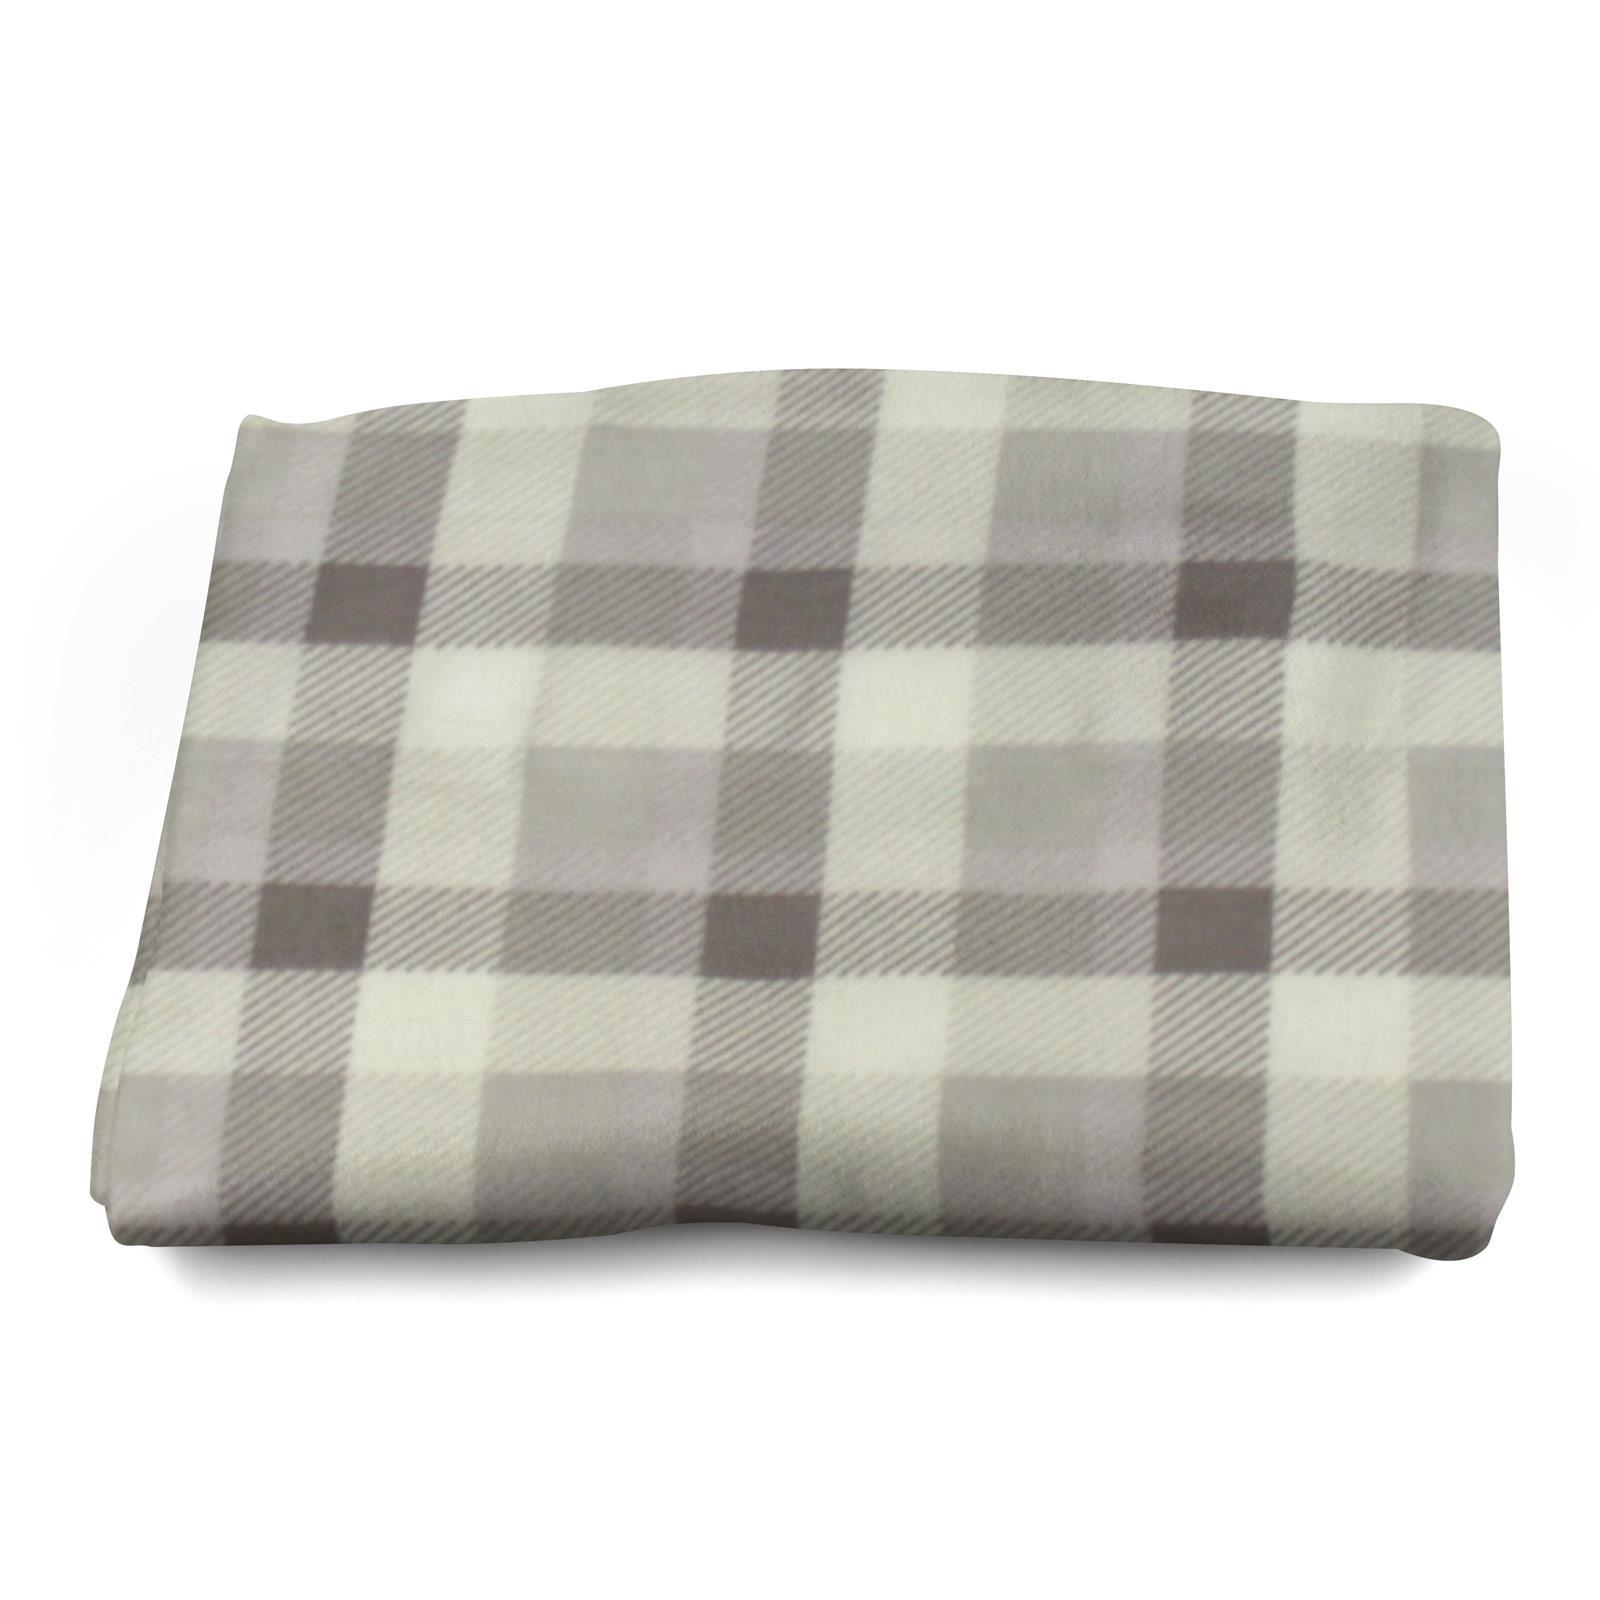 Sofa-de-verificacion-de-tartan-polar-mantas-polar-silla-acogedor-lanza-Manta-127cm-X-152cm miniatura 22